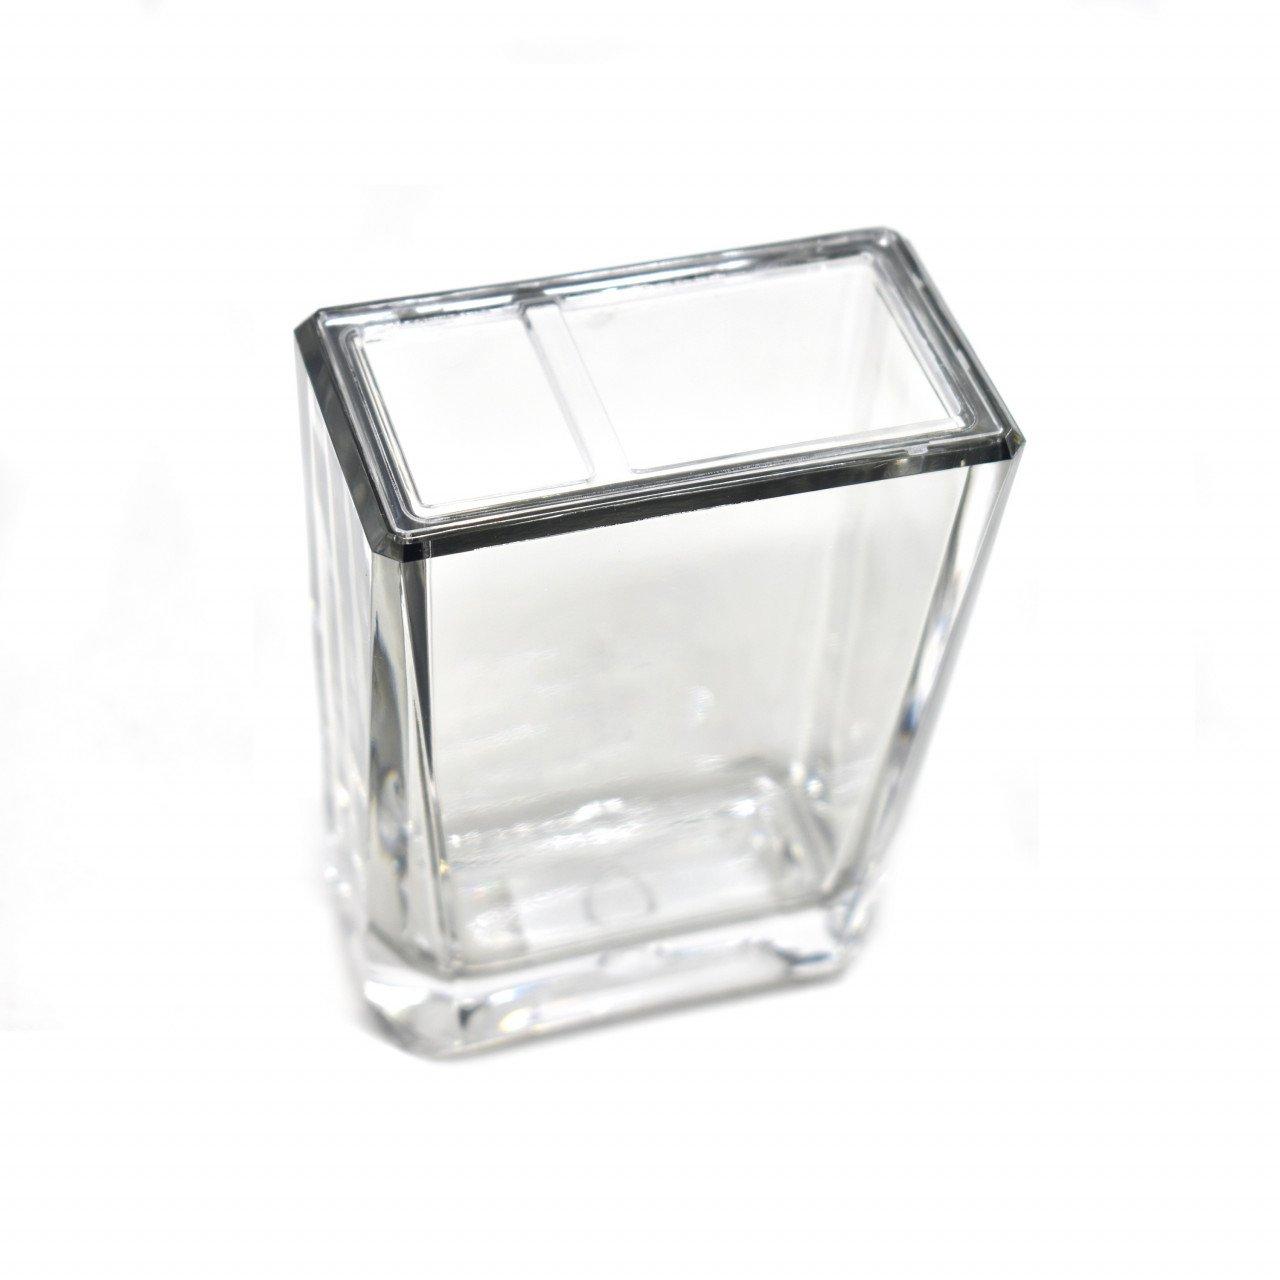 Porta cepillos de vidrio transparente color humo